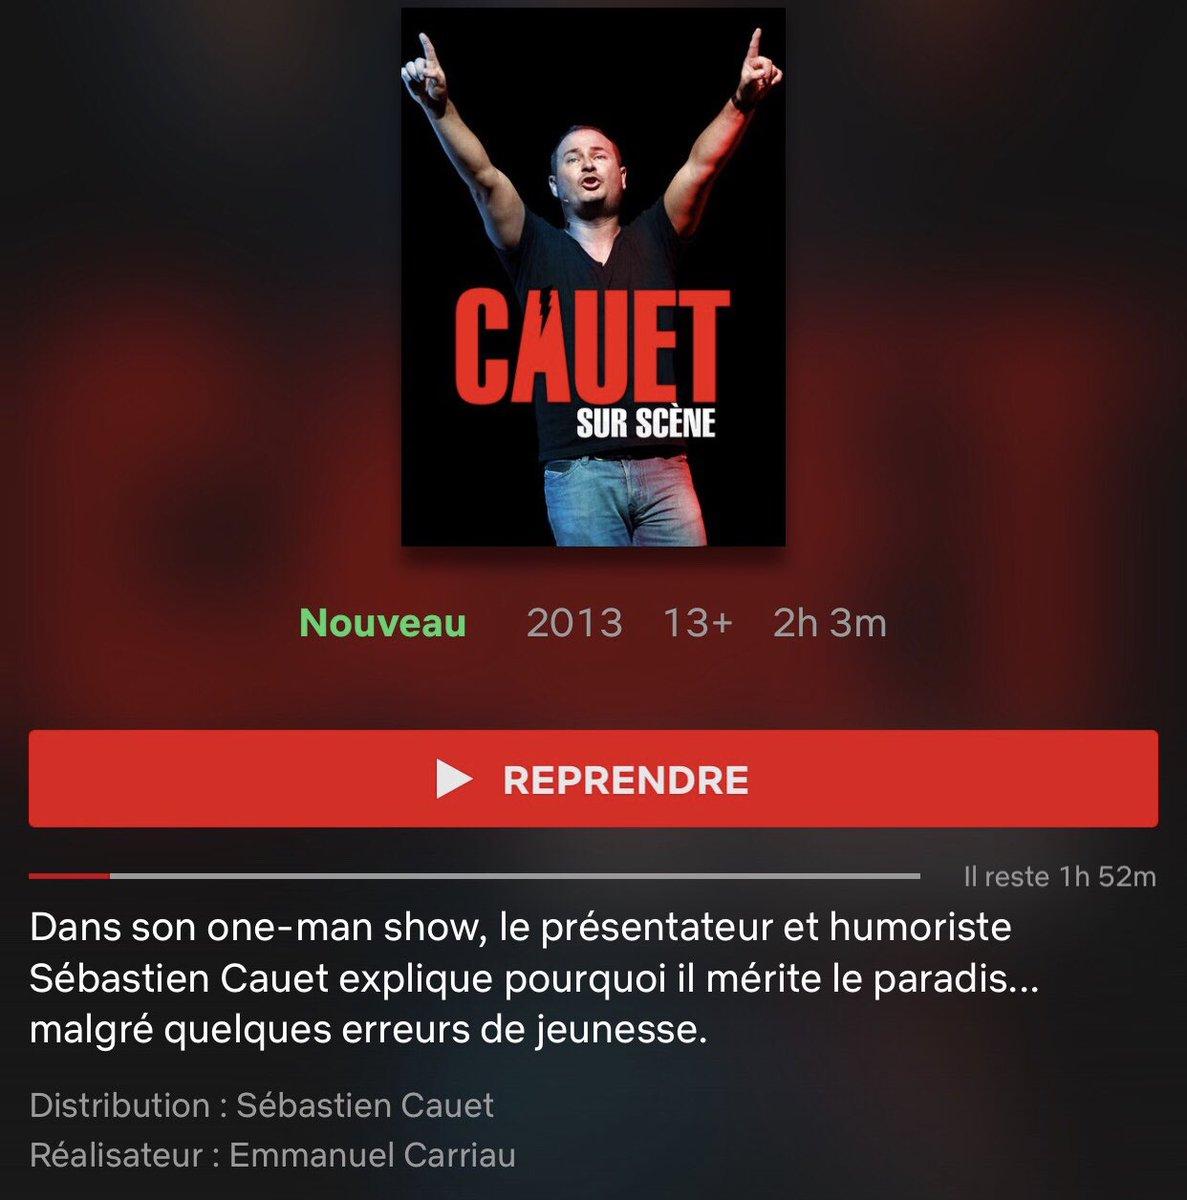 Les amis je suis super fier d'être sur @NetflixFR avec mon premier one man show #CauetSurScene !! Ce soir je me regarde 😂 Le prochain #OneMan arrive en rodage dans toute la France 😘